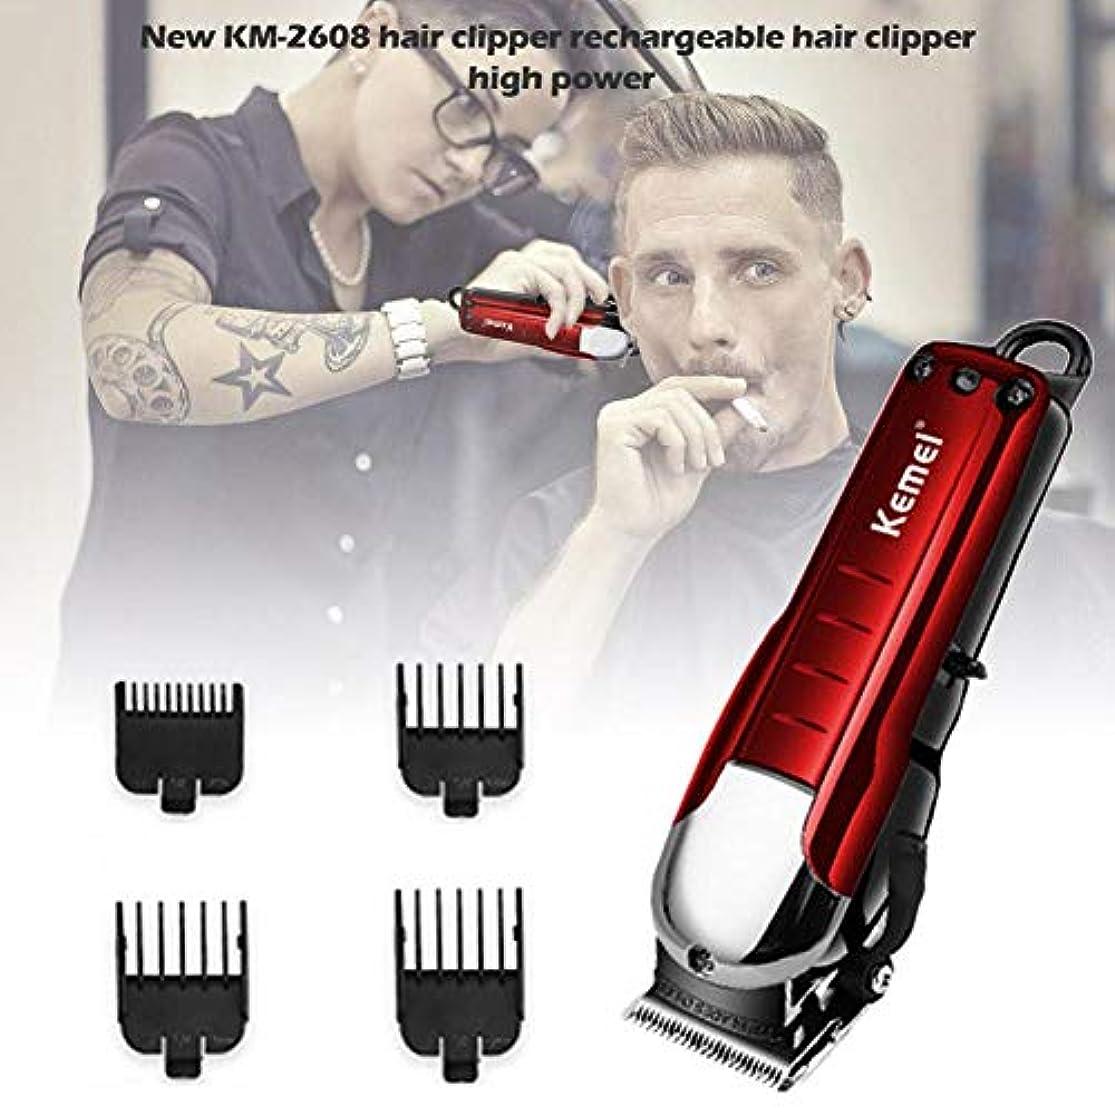 曖昧な符号オーストラリアバリカン、電気プロのヘアトリマー切断機ひげ理髪用男性スタイルツール